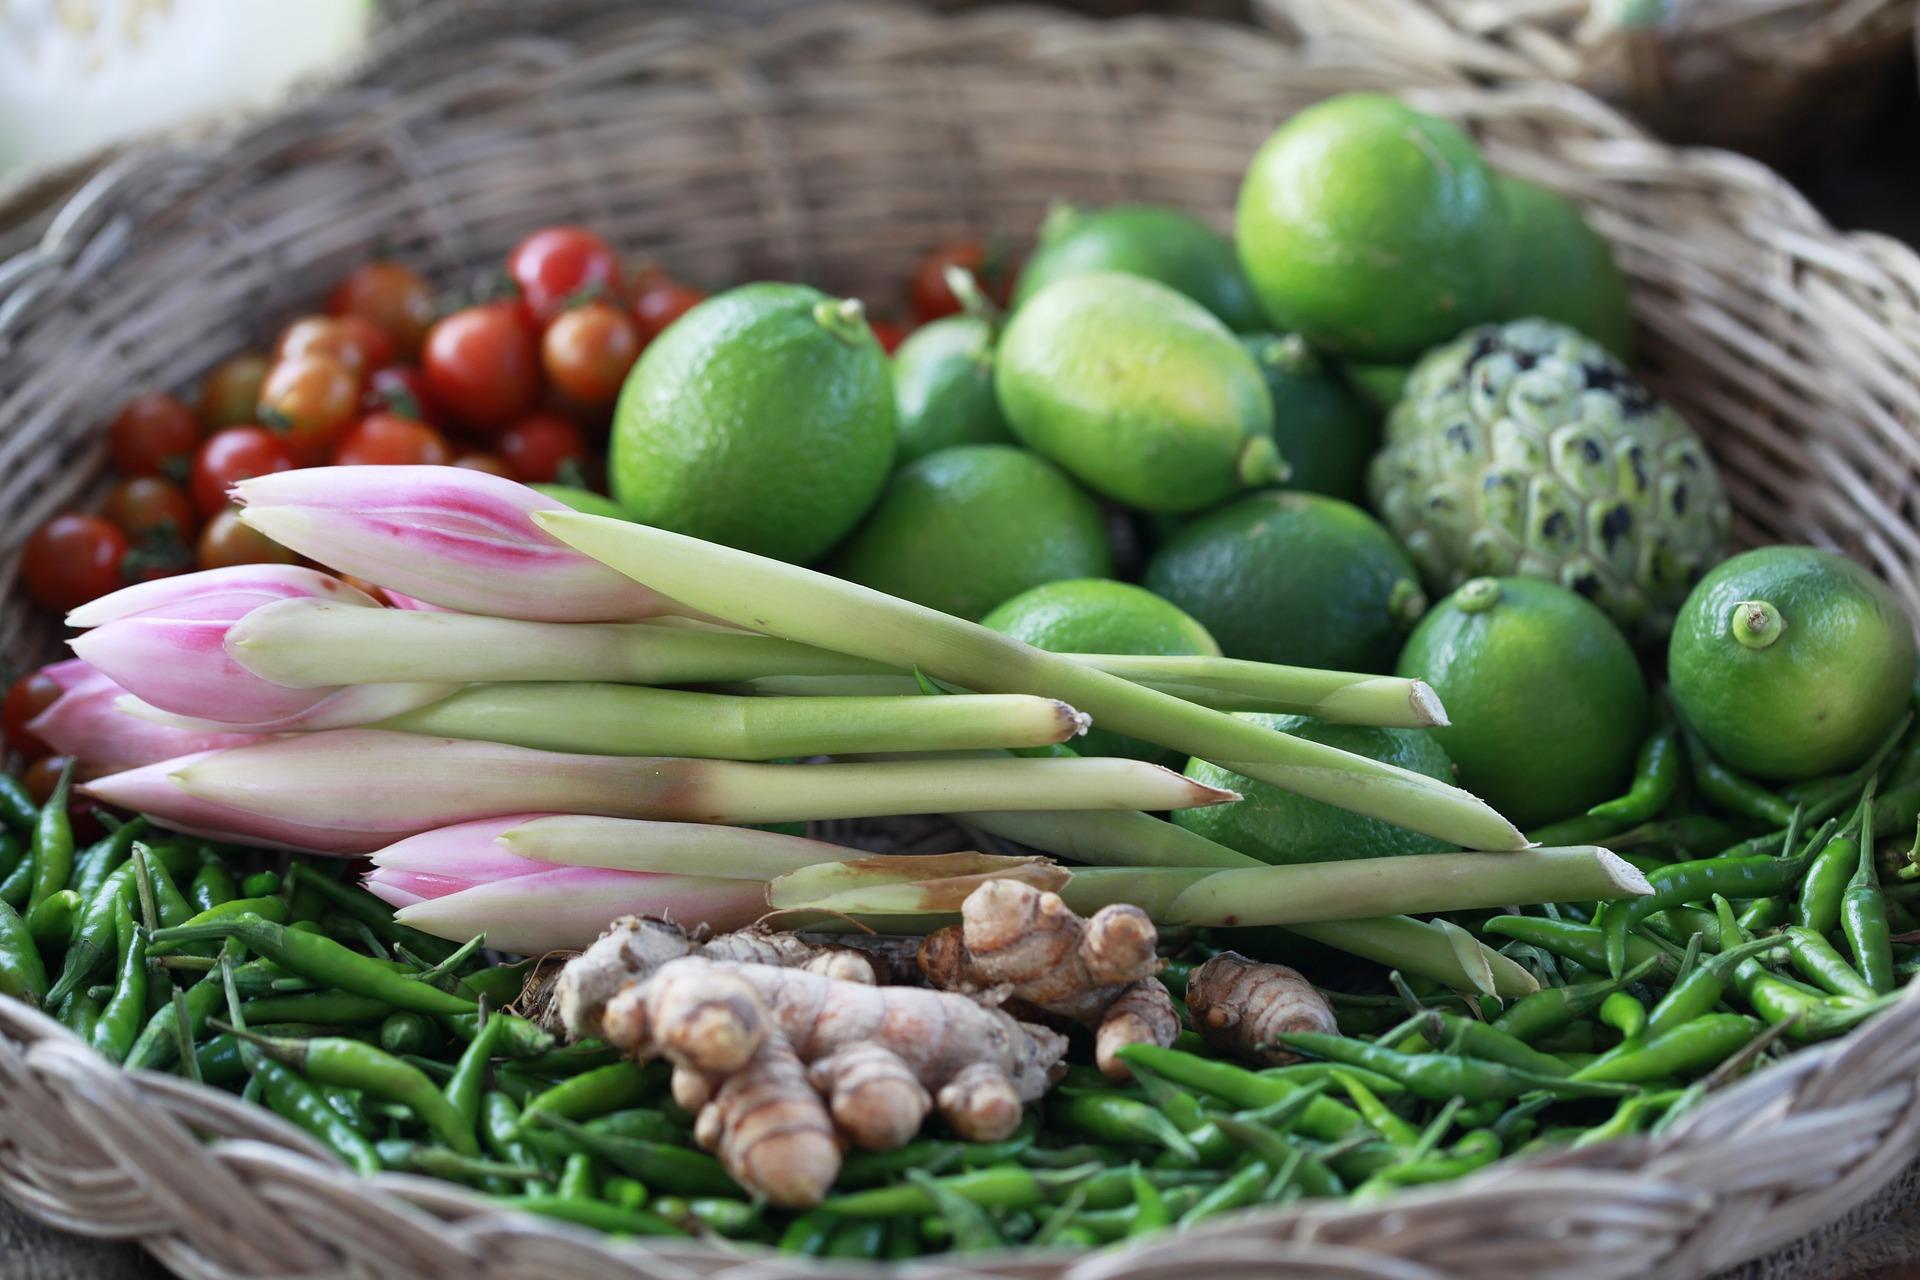 vegetable-2613853_1920.jpg